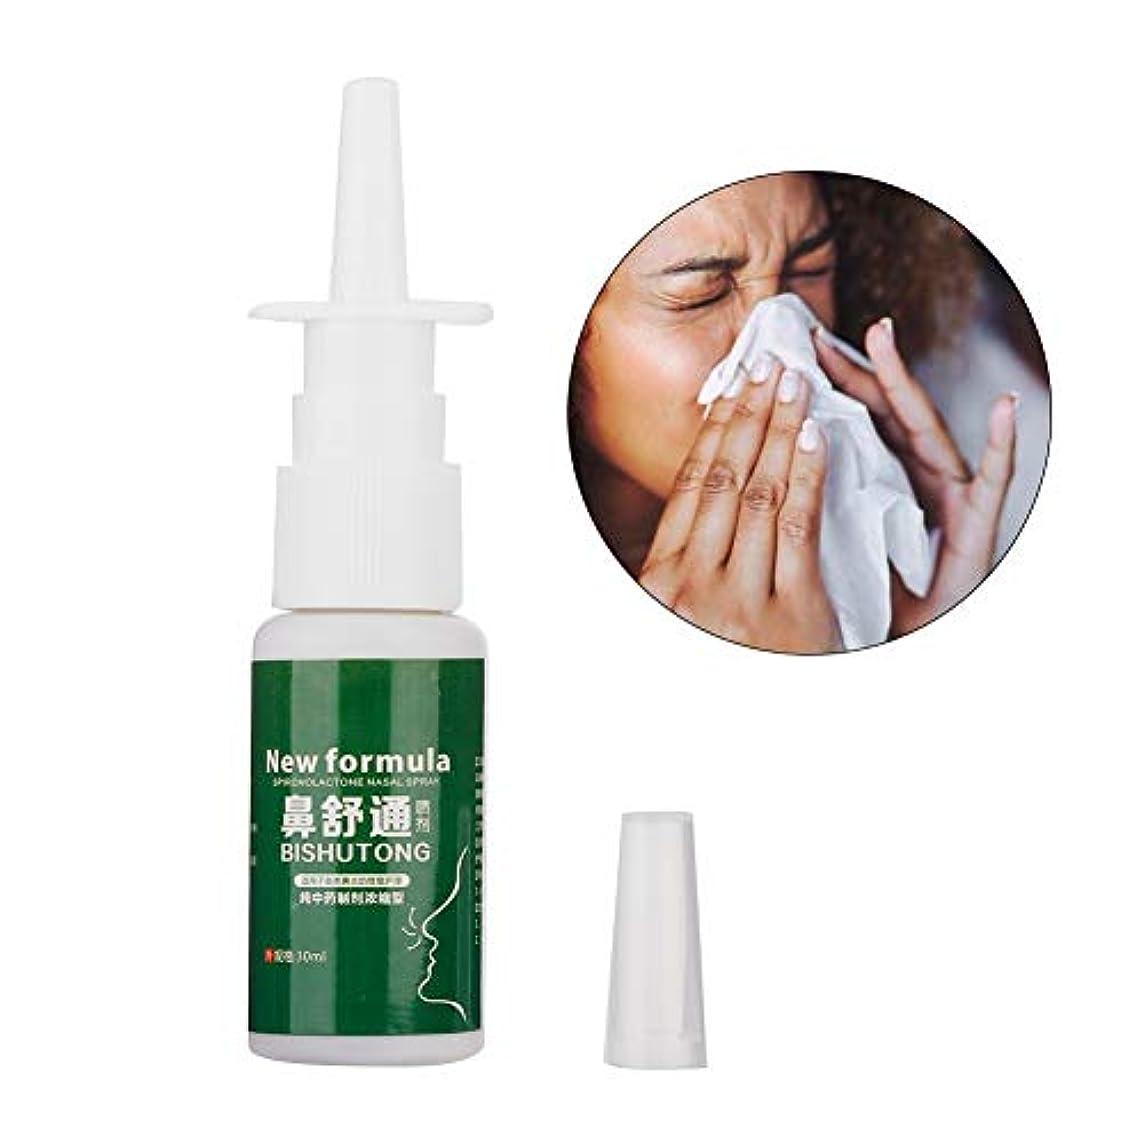 ラップトップ期待引き潮鼻アレルギー鼻炎スプレー、30ml鼻炎ハーブスプレー鼻アレルギーとかゆみ鼻炎のための漢方薬